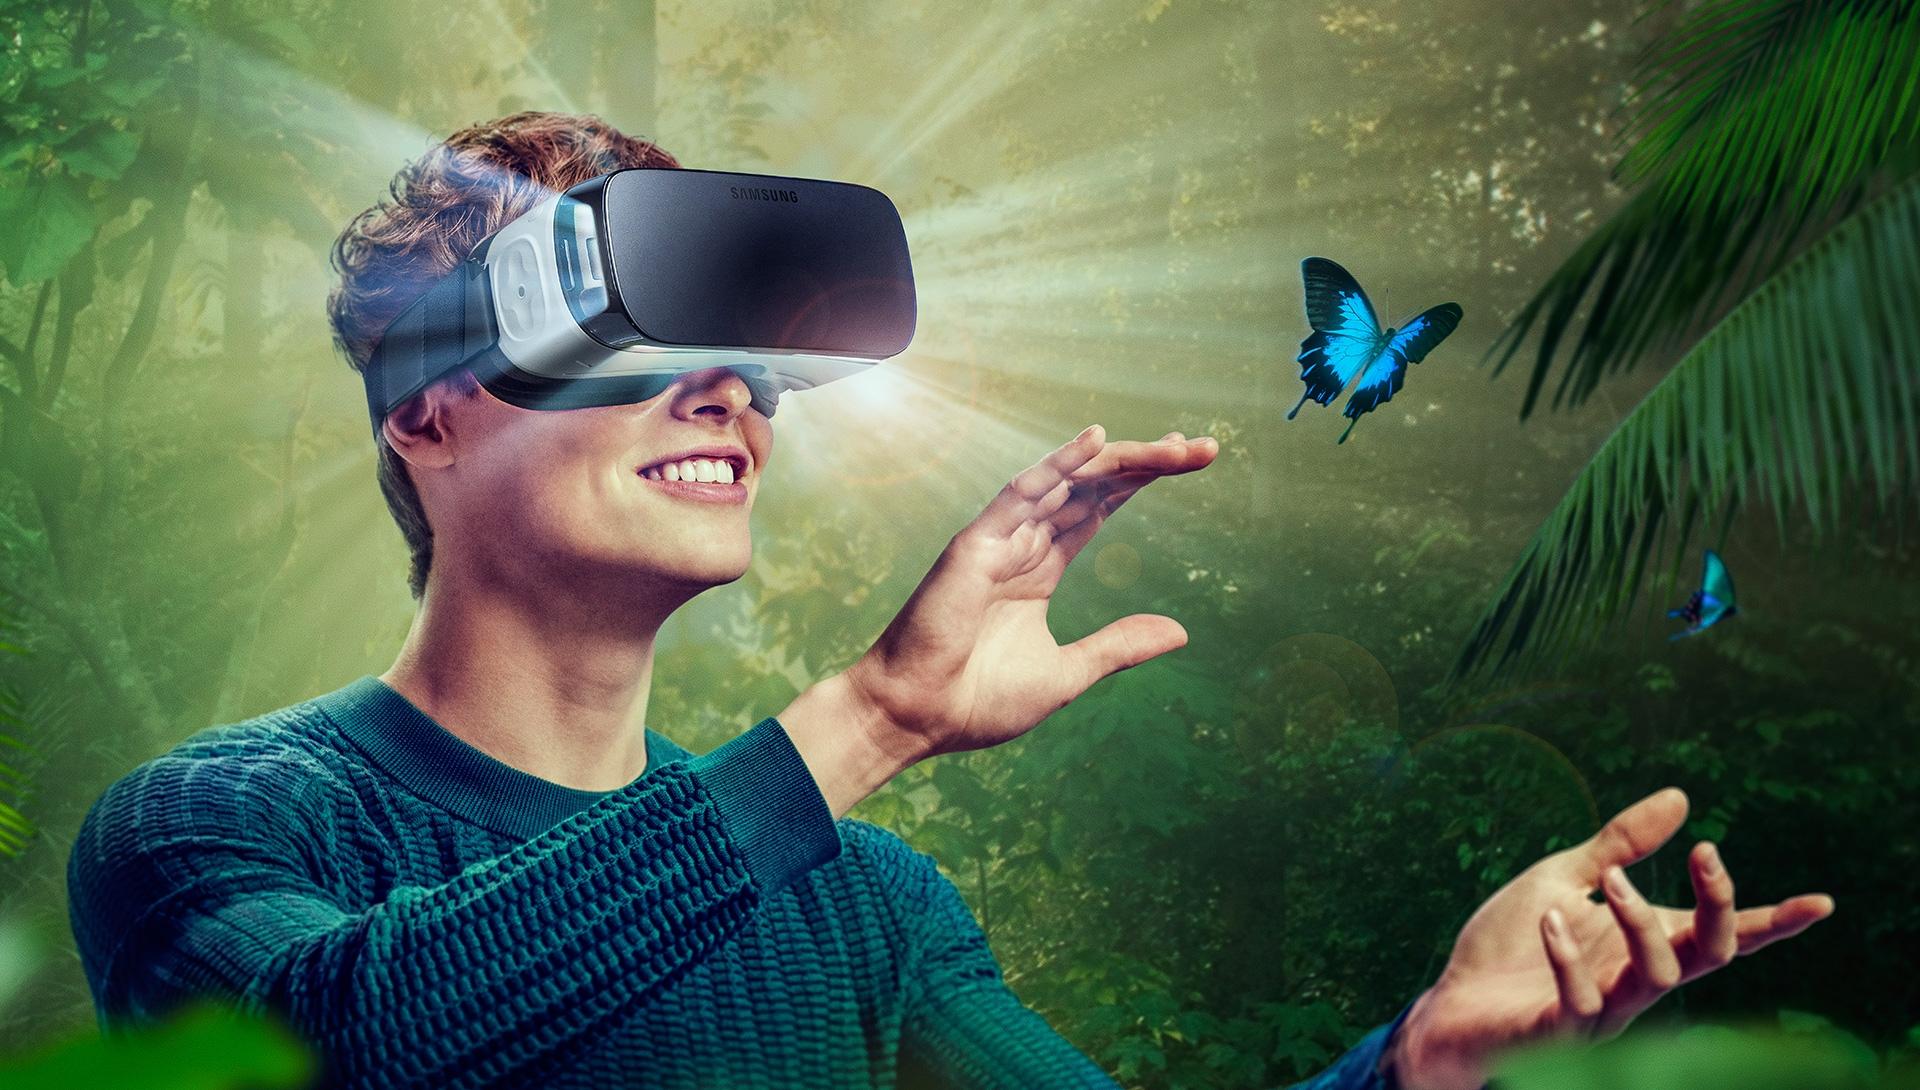 Ak máte doma tohtoročnú alebo minuloročnú vlajkovú loď od Samsungu, virtuálnu realitu Gear VR si nenechajte ujsť. Patrí k tomu najlepšiemu na trhu, v rámci mobilného segmentu nemá konkurenciu